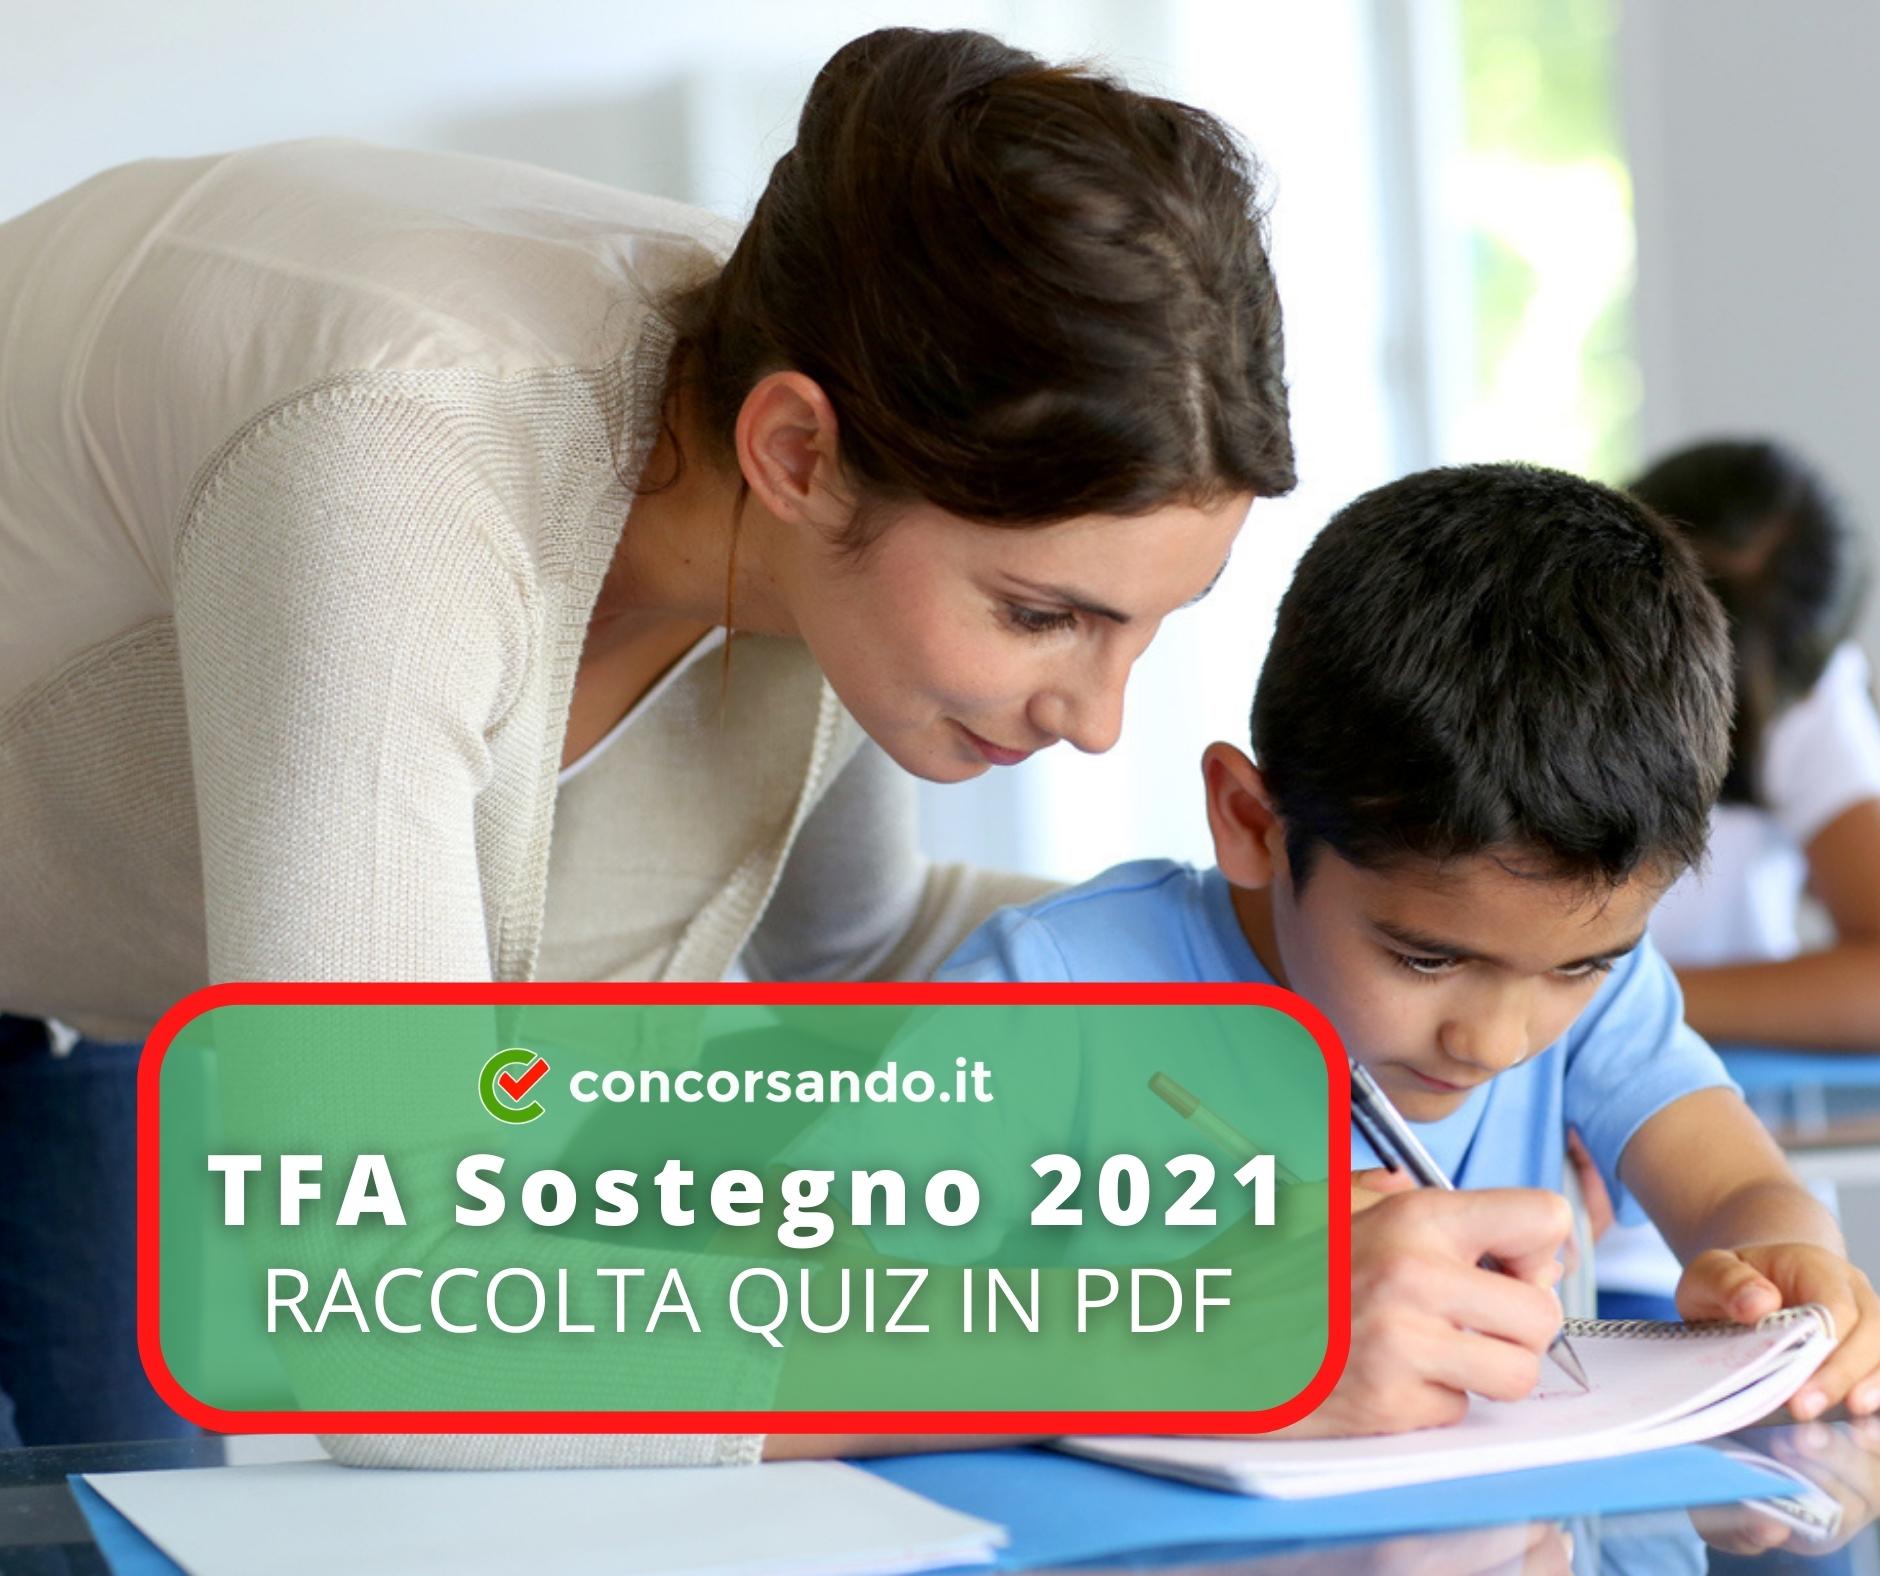 Raccolta quiz TFA Sostegno 2021